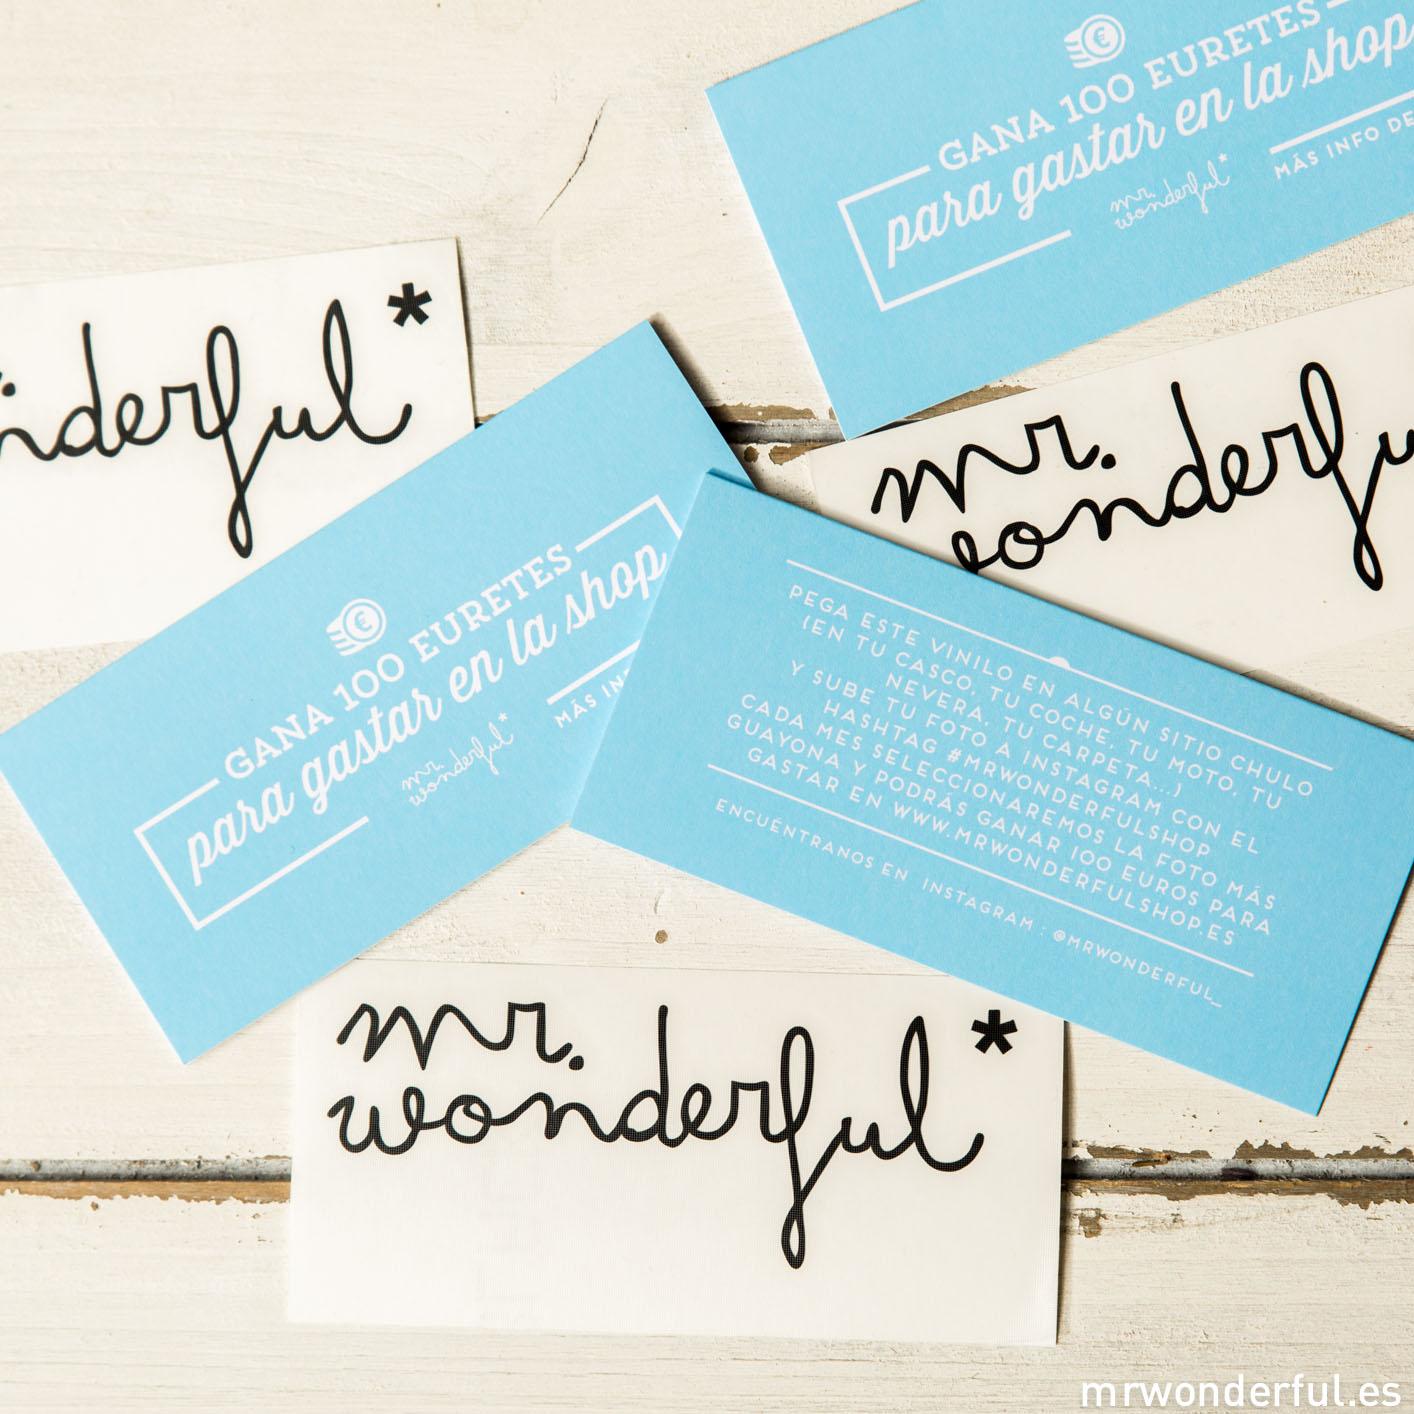 mrwonderful_vinilo-regalo-mrw_concurso-1